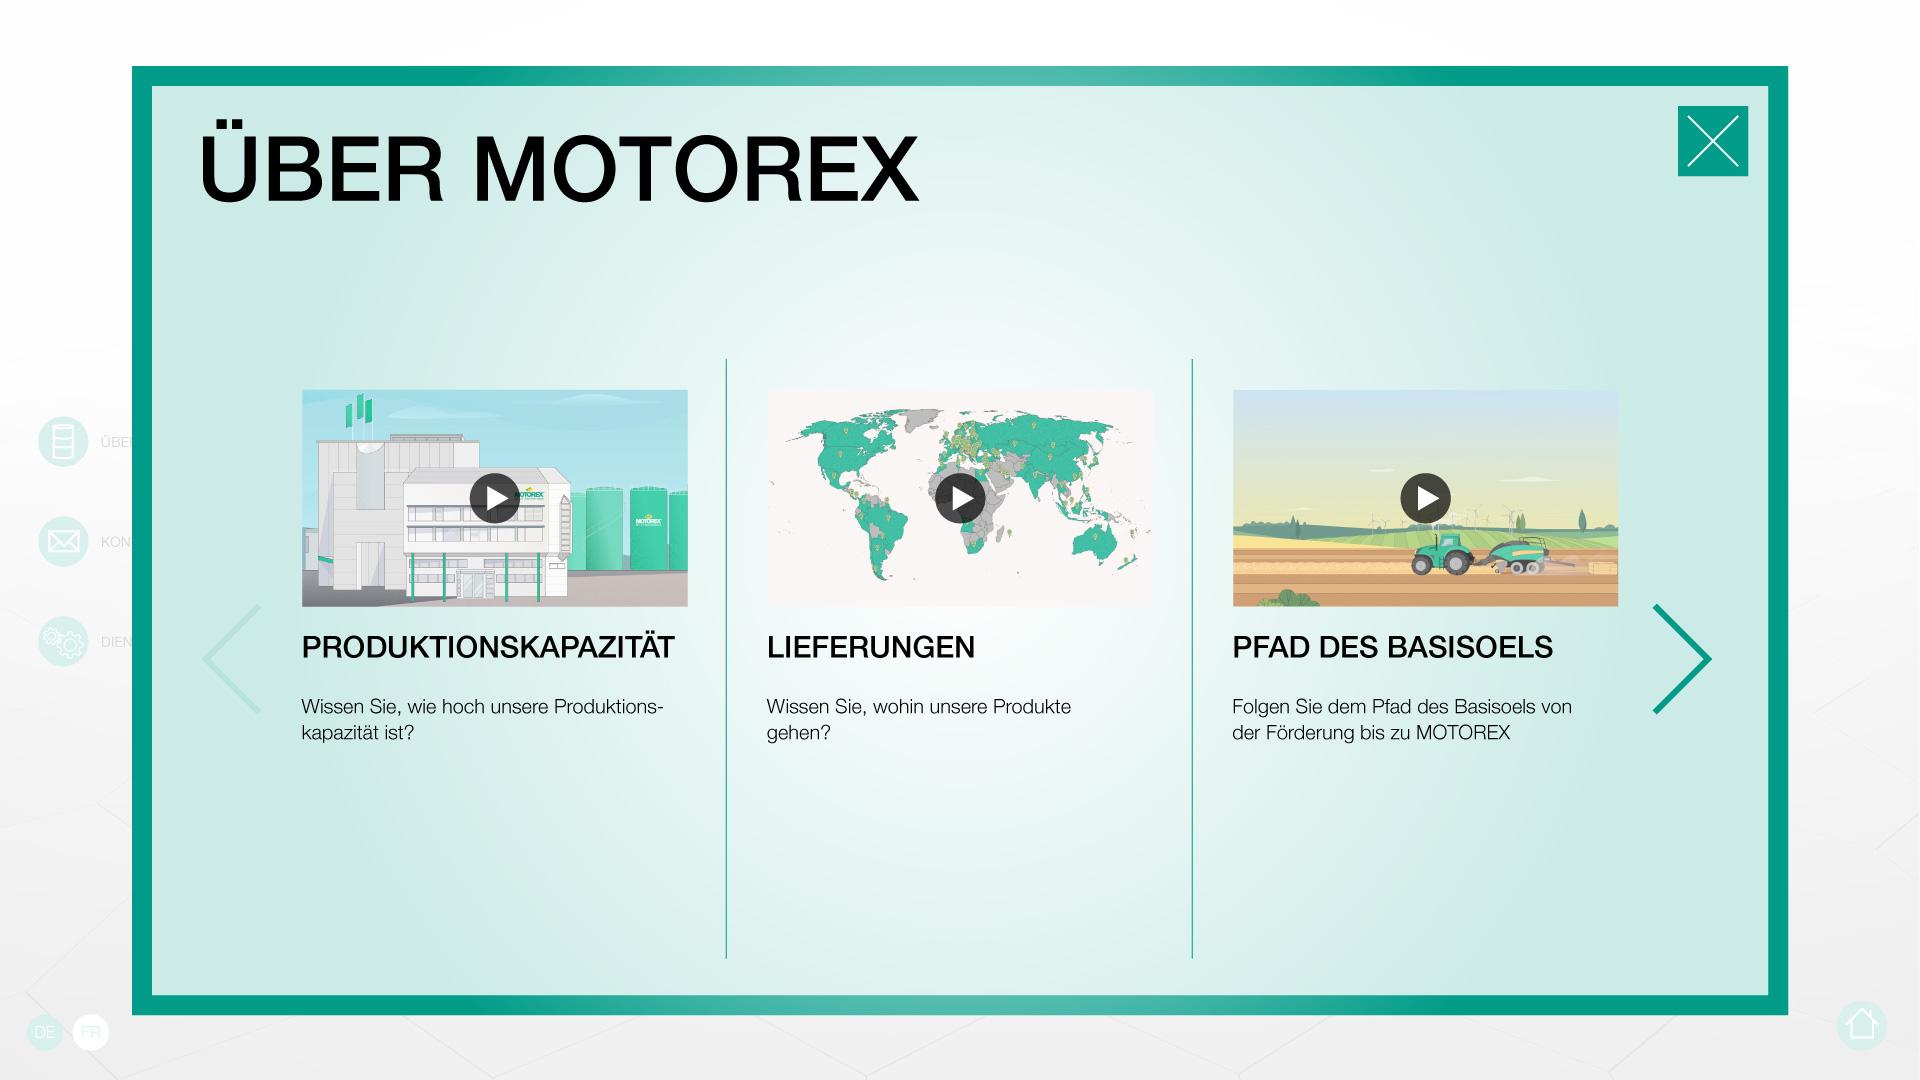 Bild 6 vom MOTOREX Infodesk